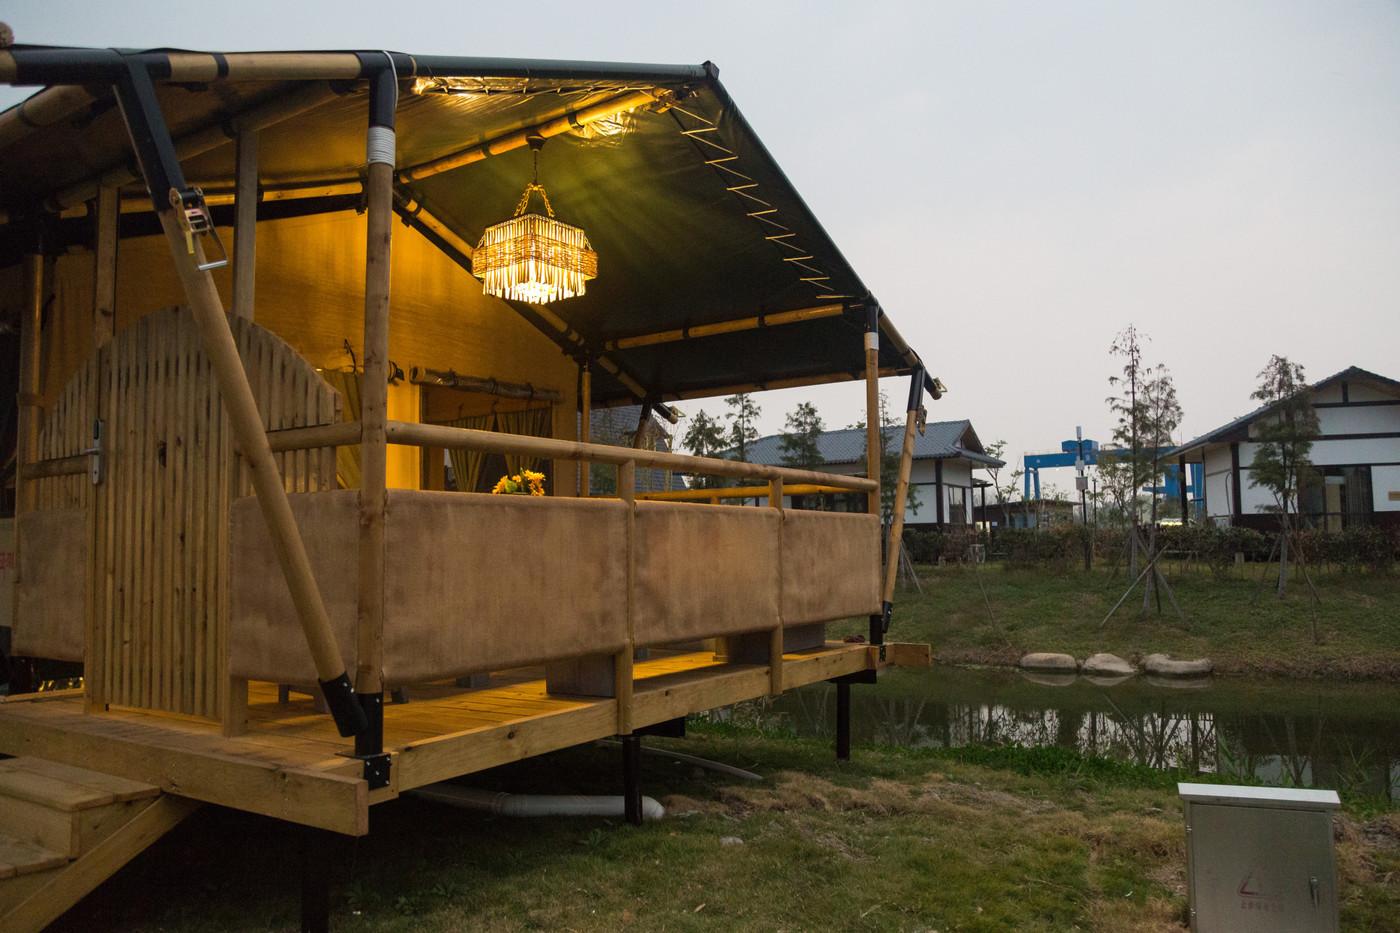 喜马拉雅野奢帐篷酒店—浙江留香之家露营地帐篷酒店(78平)11